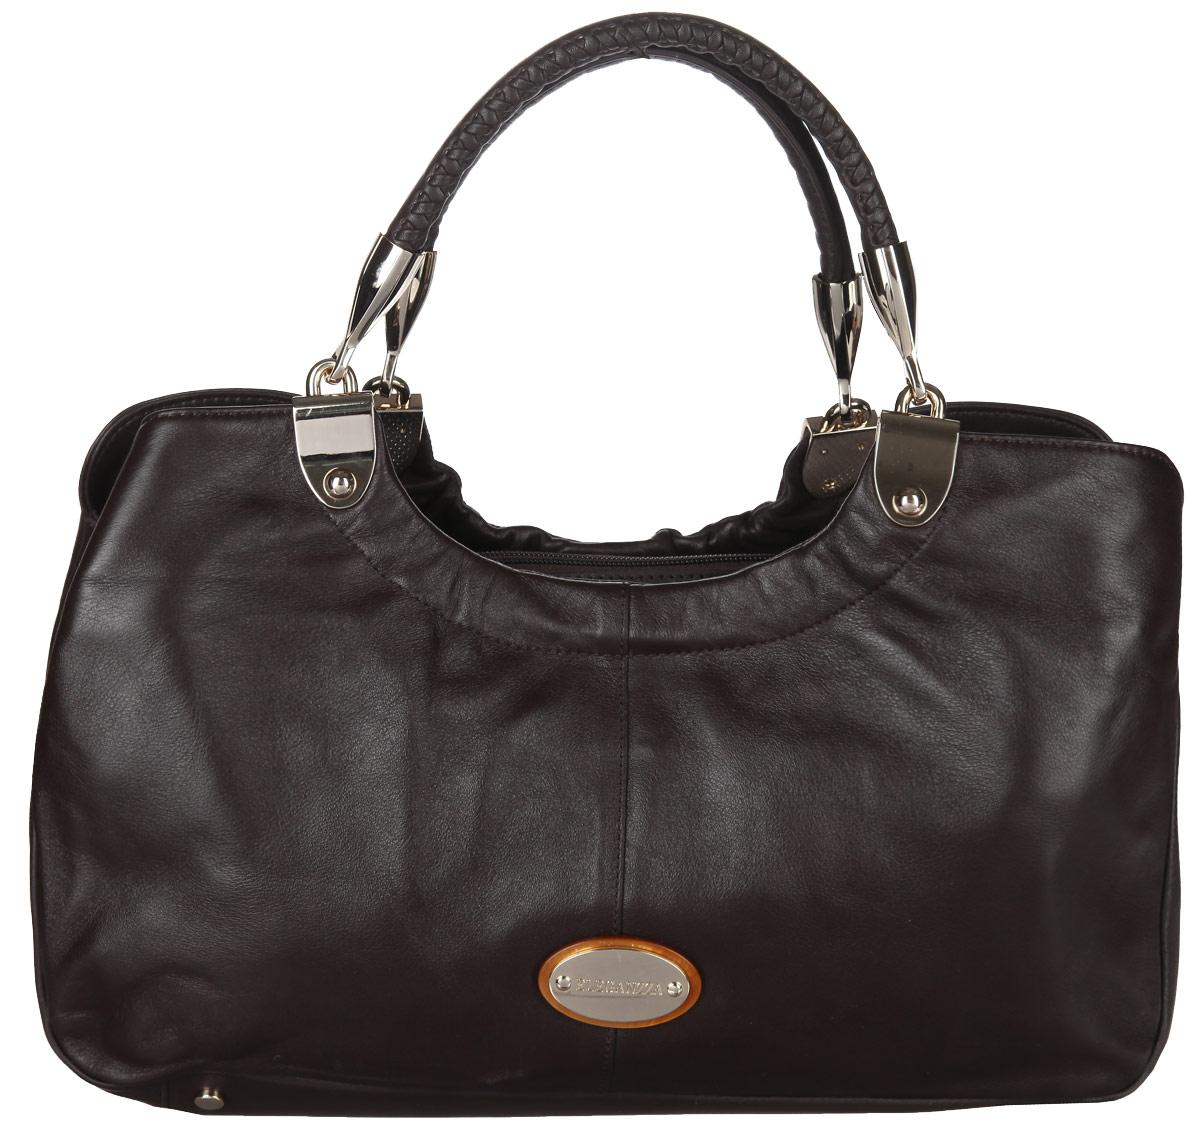 Сумка женская Eleganzza, цвет: коричневый. ZB-5318S76245Стильная сумка Eleganzza изготовлена из натуральной кожи с зернистой фактурой, оформлена металлической фурнитурой с символикой бренда.Изделие содержит три отделения, два из которых закрываются на магнитные кнопки, а третье на застежку-молнию. Внутри расположен врезной карман на молнии. Изделие оснащено двумя практичными ручками, которые оформлены металлической фурнитурой и съемным плечевым ремнем регулируемой длины. Дно изделия дополнено металлическими ножками.Оригинальный аксессуар позволит вам завершить образ и быть неотразимой.